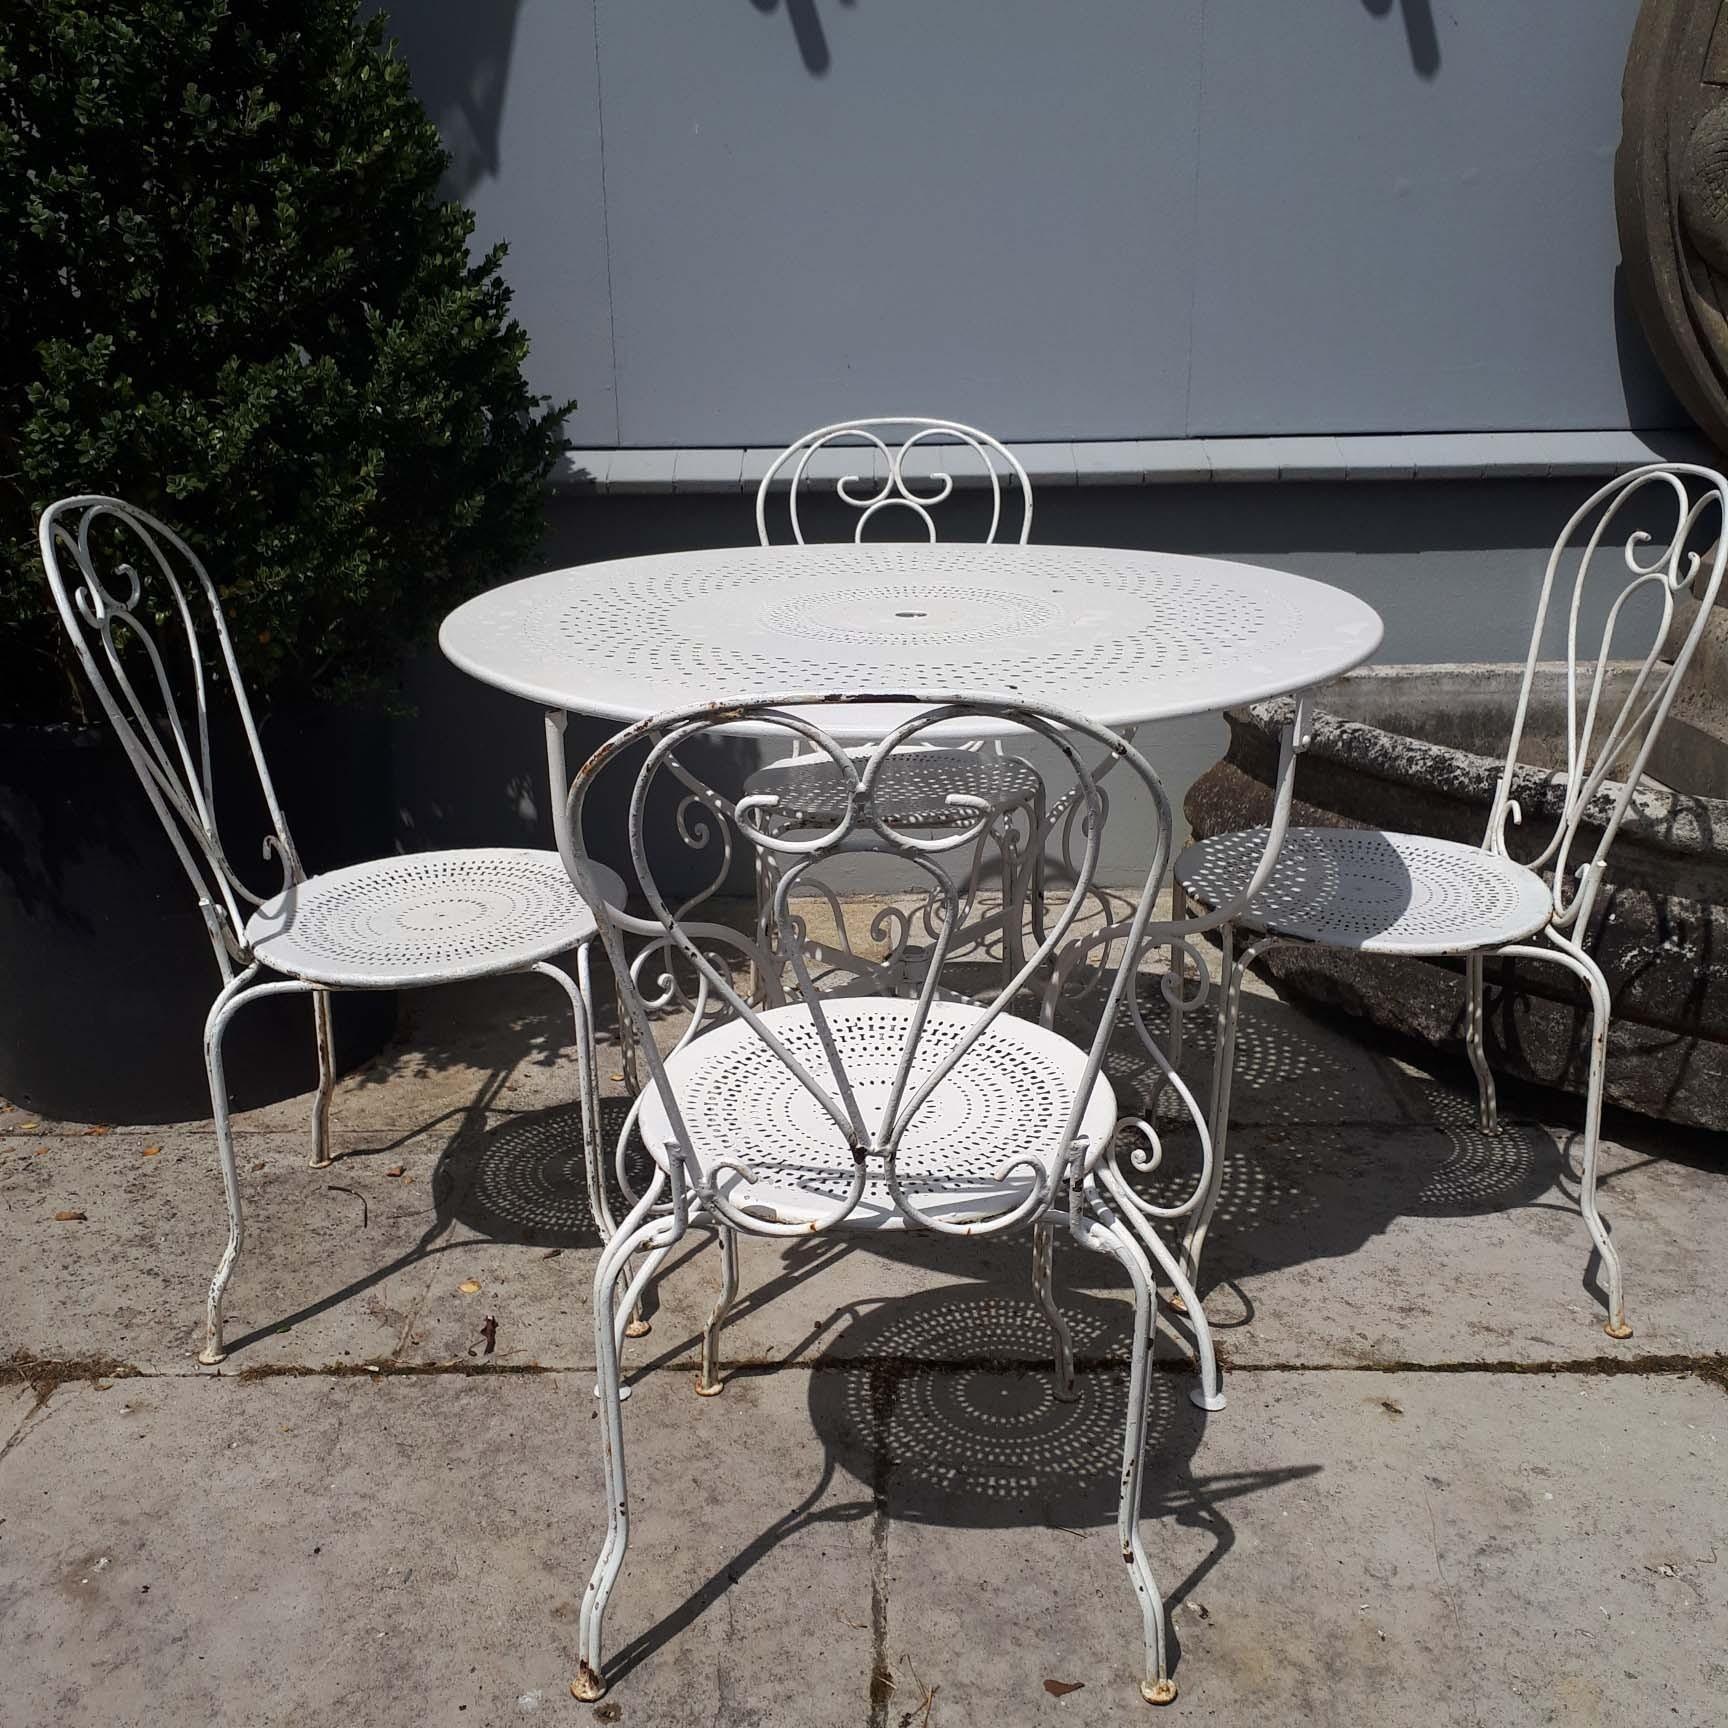 Oude tuinset wit ijzer ronde tafel met vier stoelen